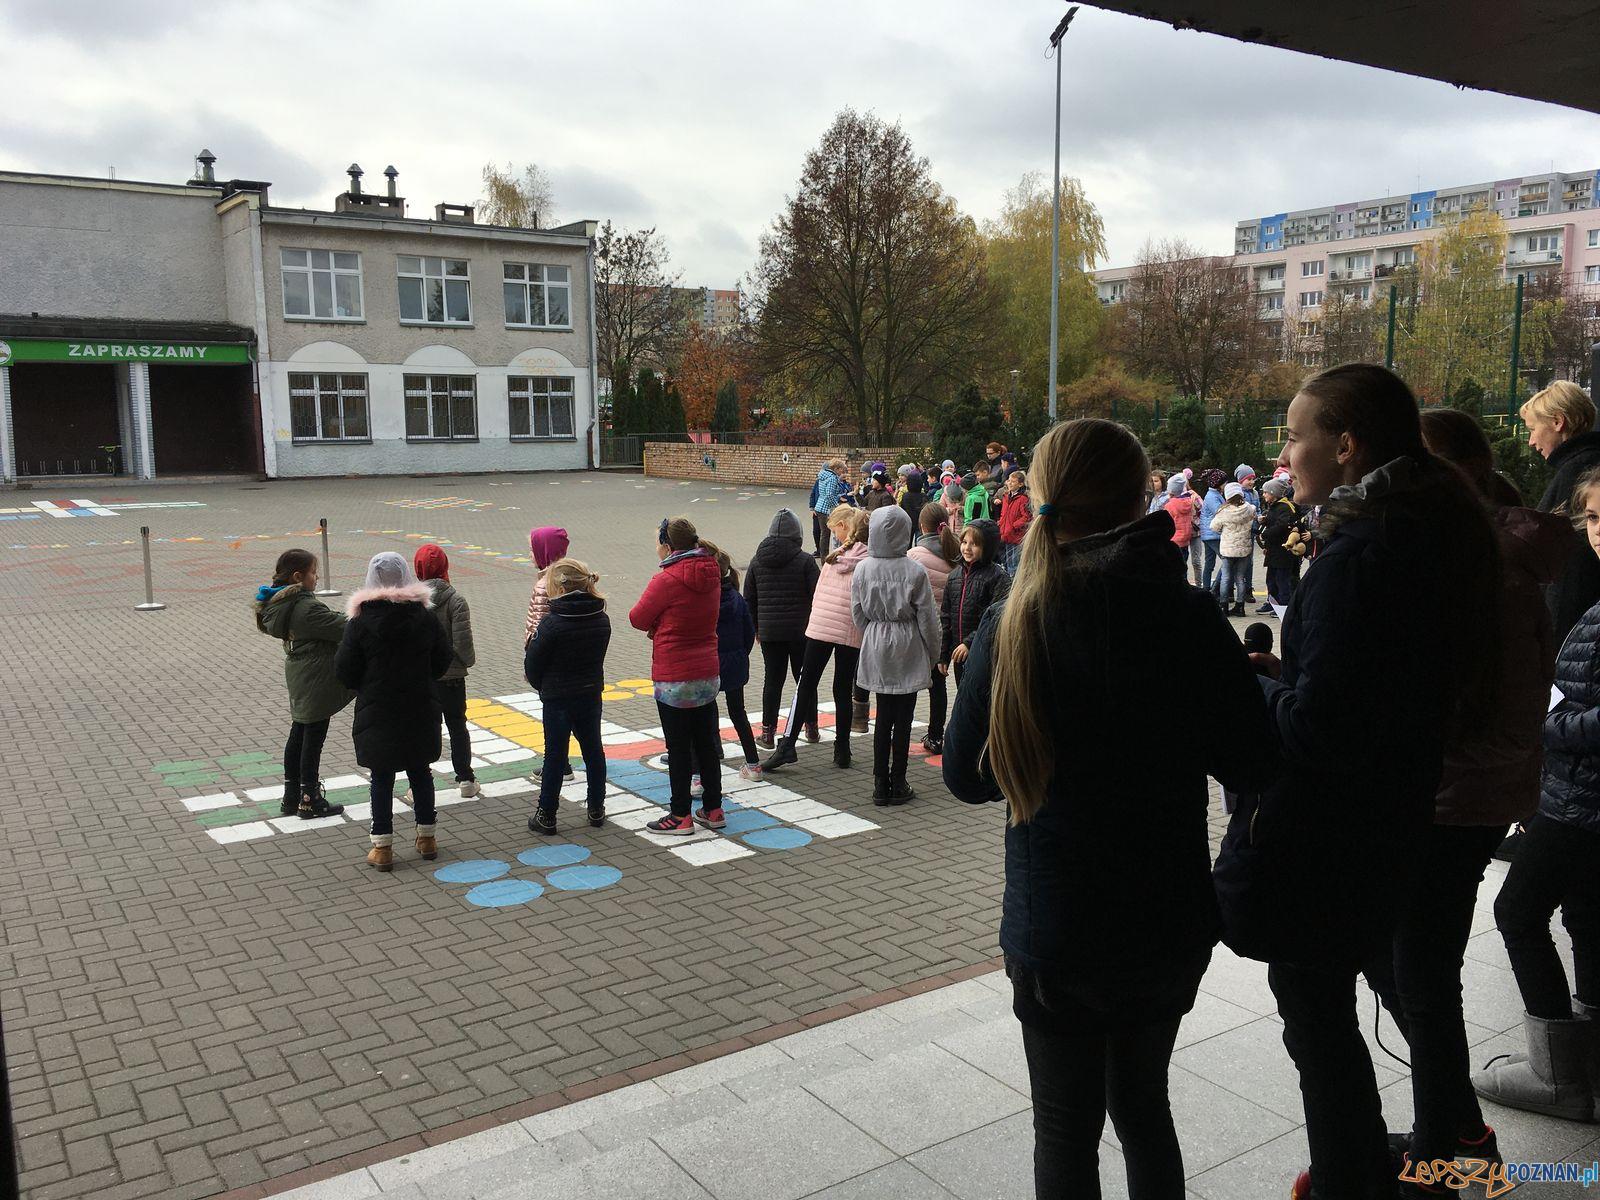 Piatkowo - plac zabaw dla dzieci (4)  Foto: Jacek Tomaszewski